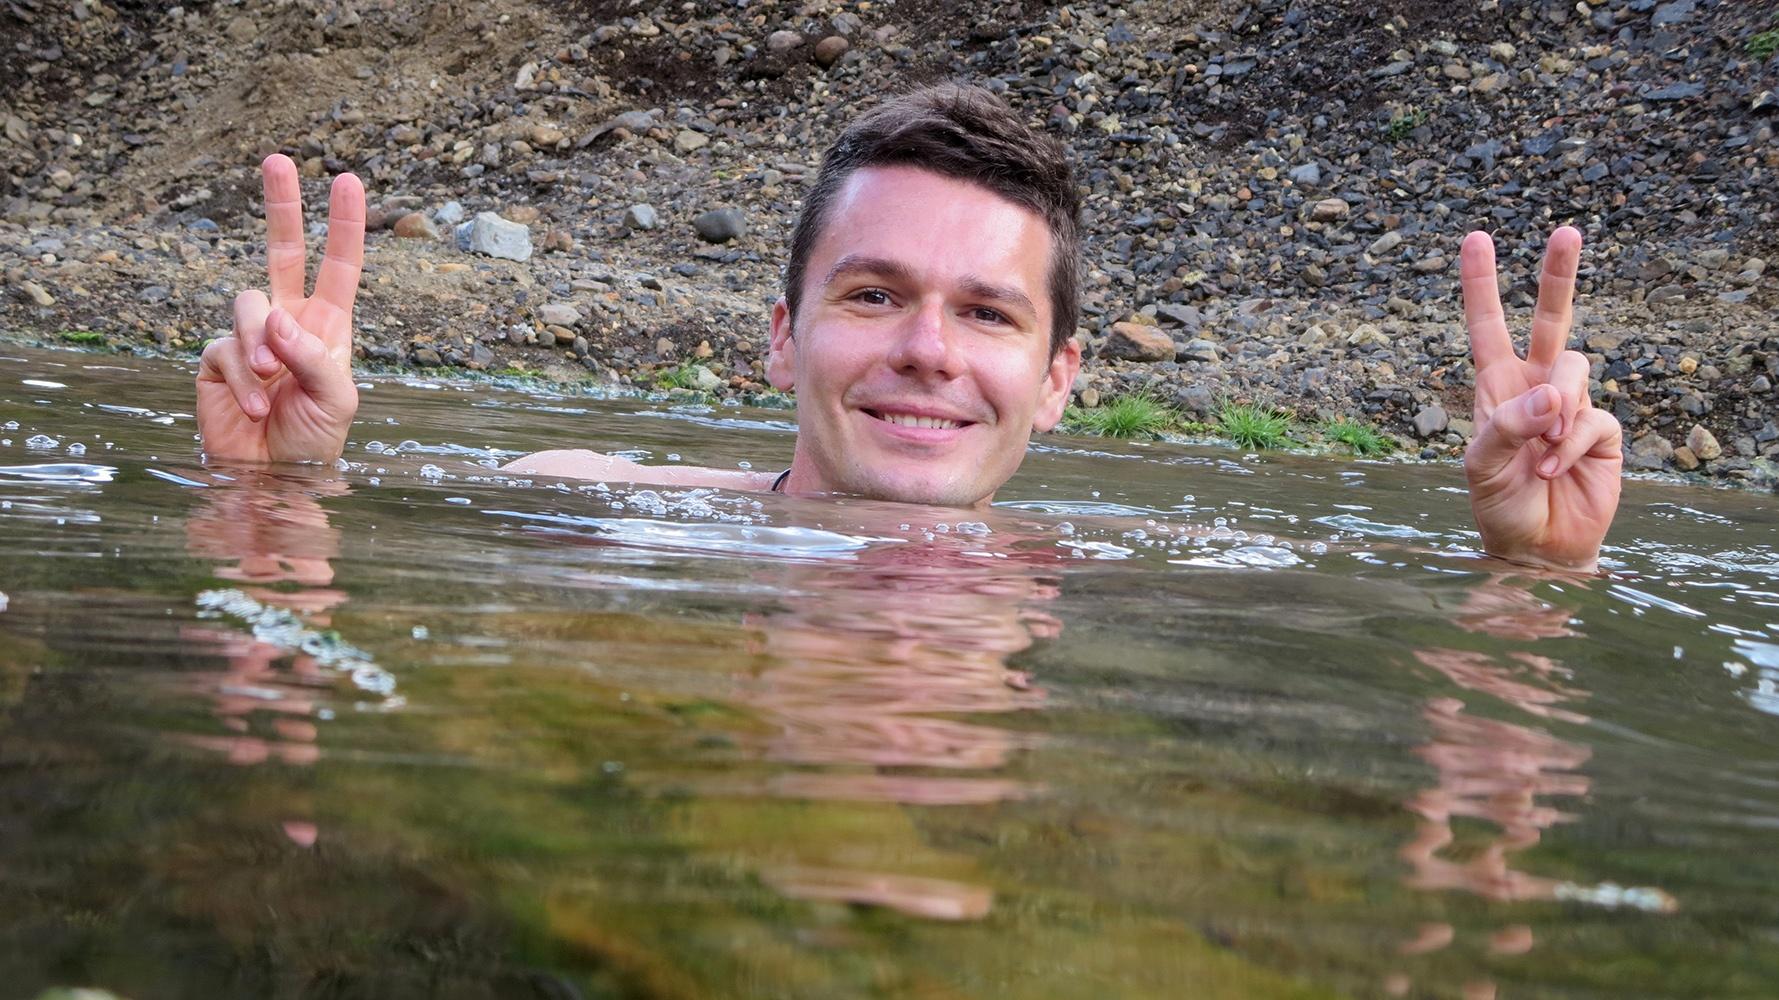 Zu Fuß durch Island: Endlich ein lang ersehntes Bad!